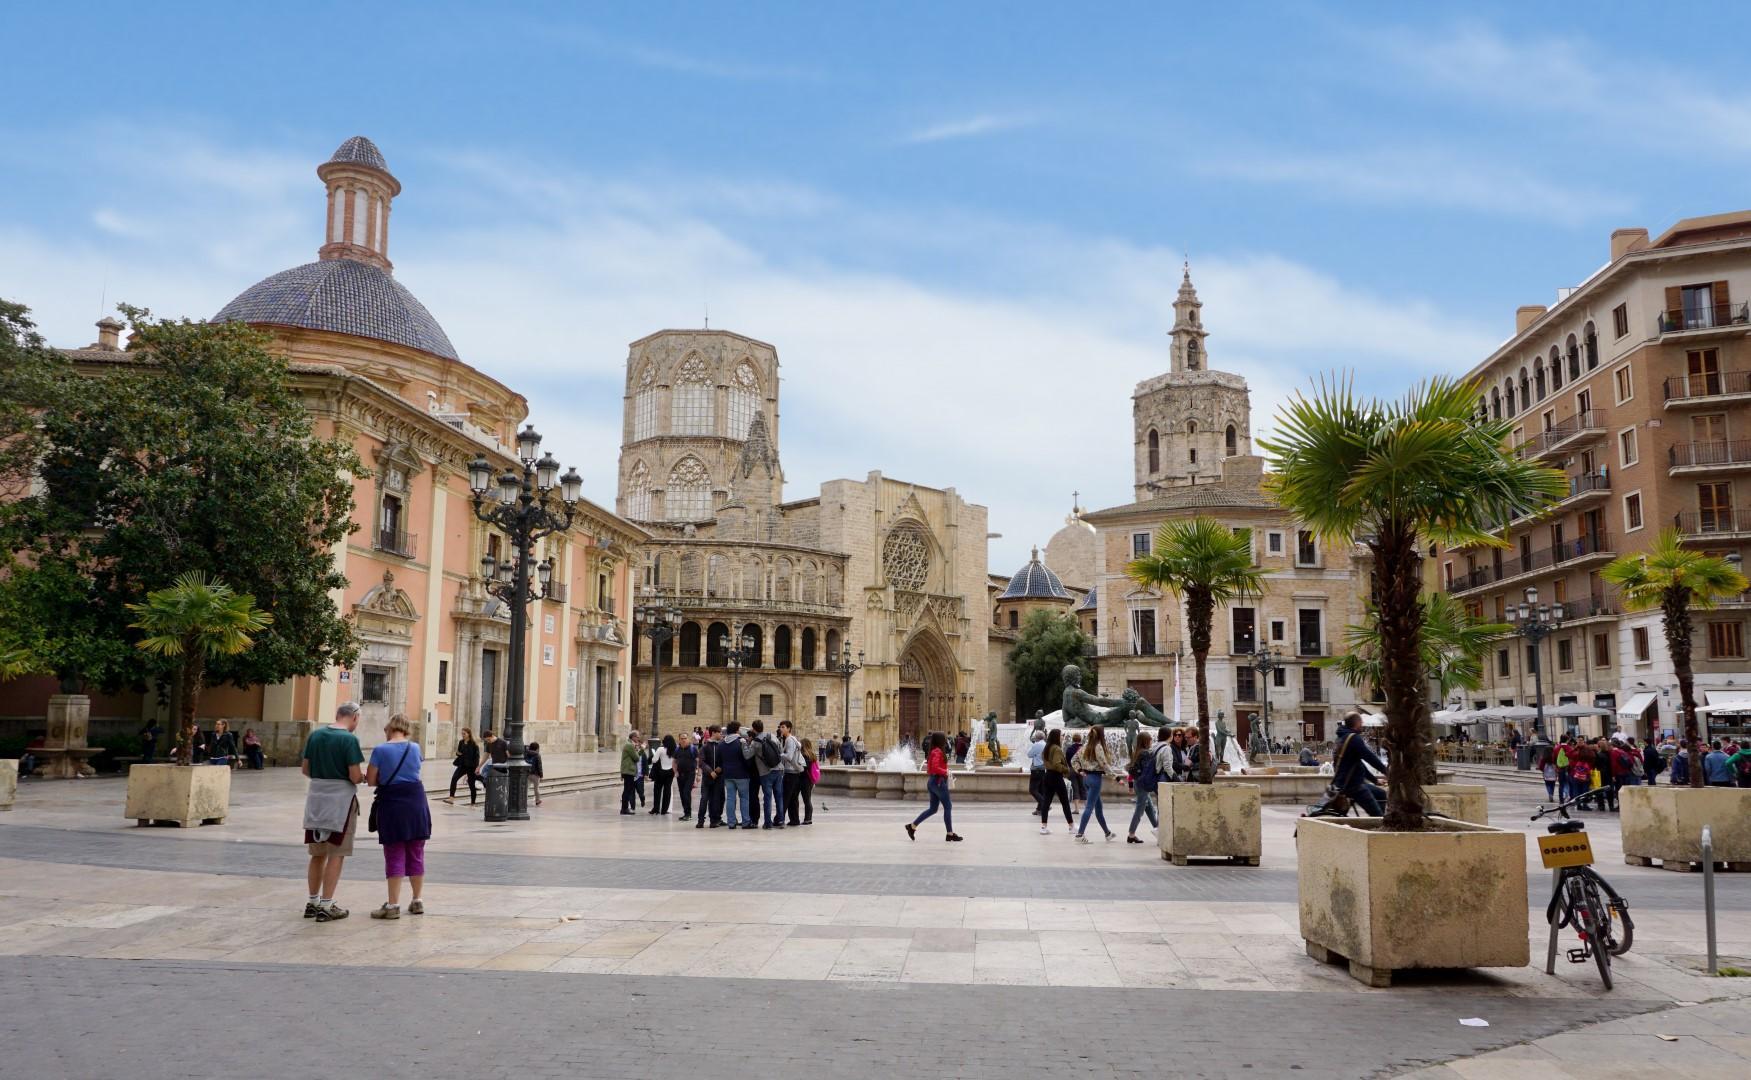 Spagna: 10 buoni motivi per visitare Valencia